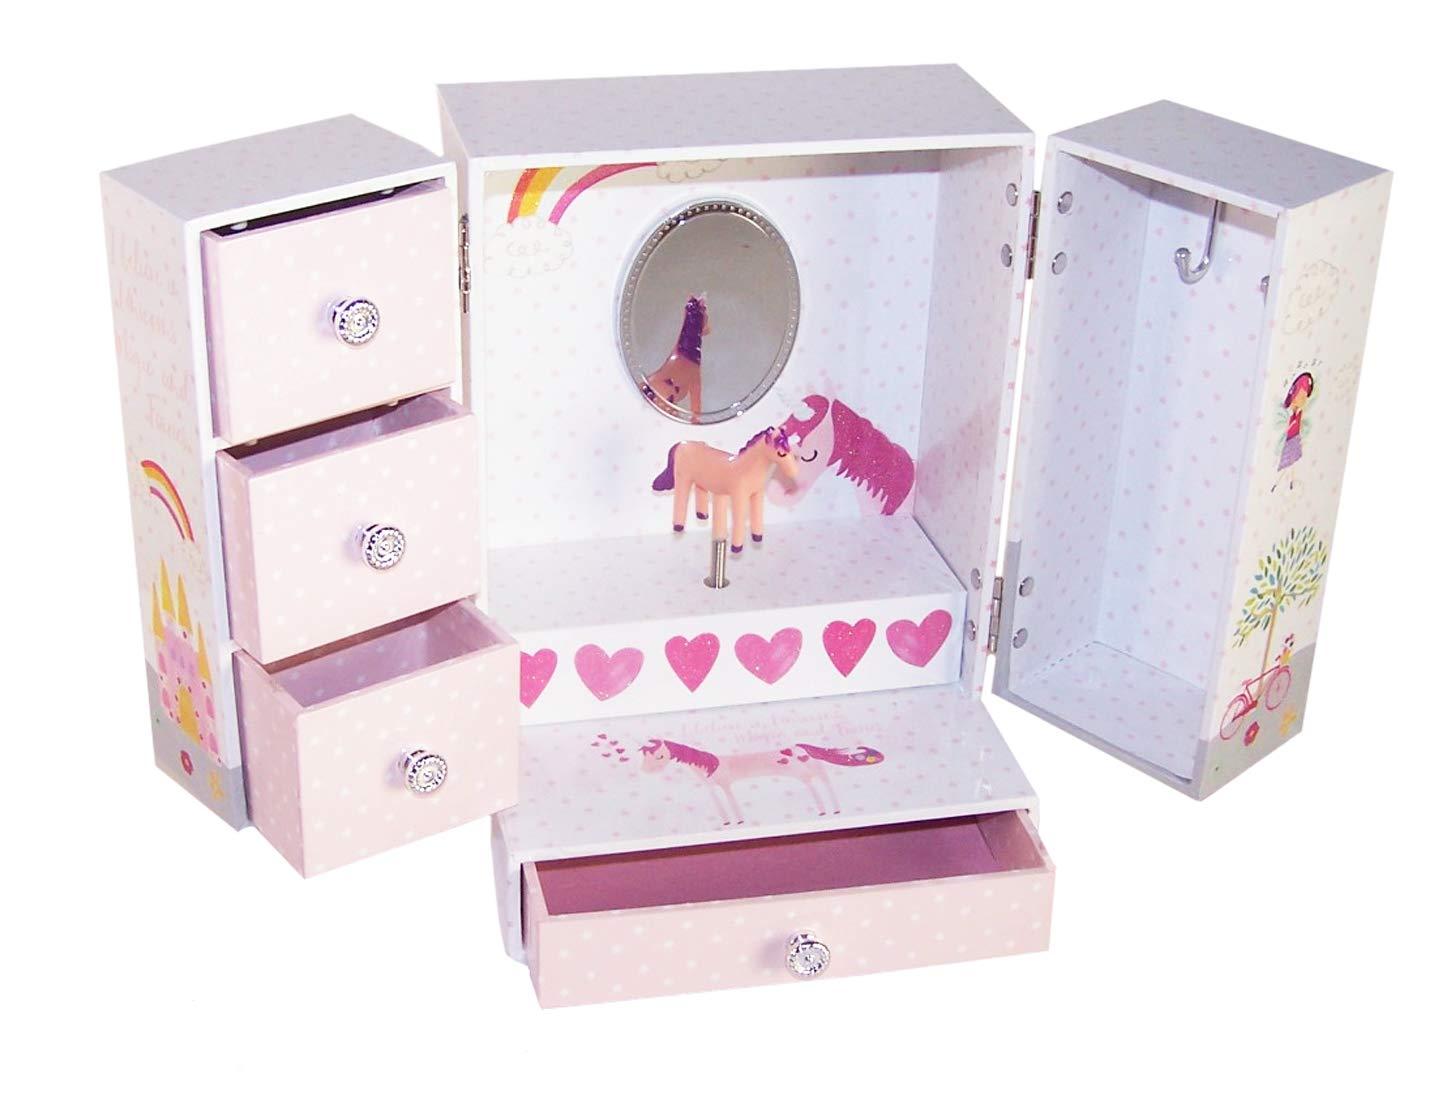 קופסת תכשיטים לילדה גדולה דגם חד קרן